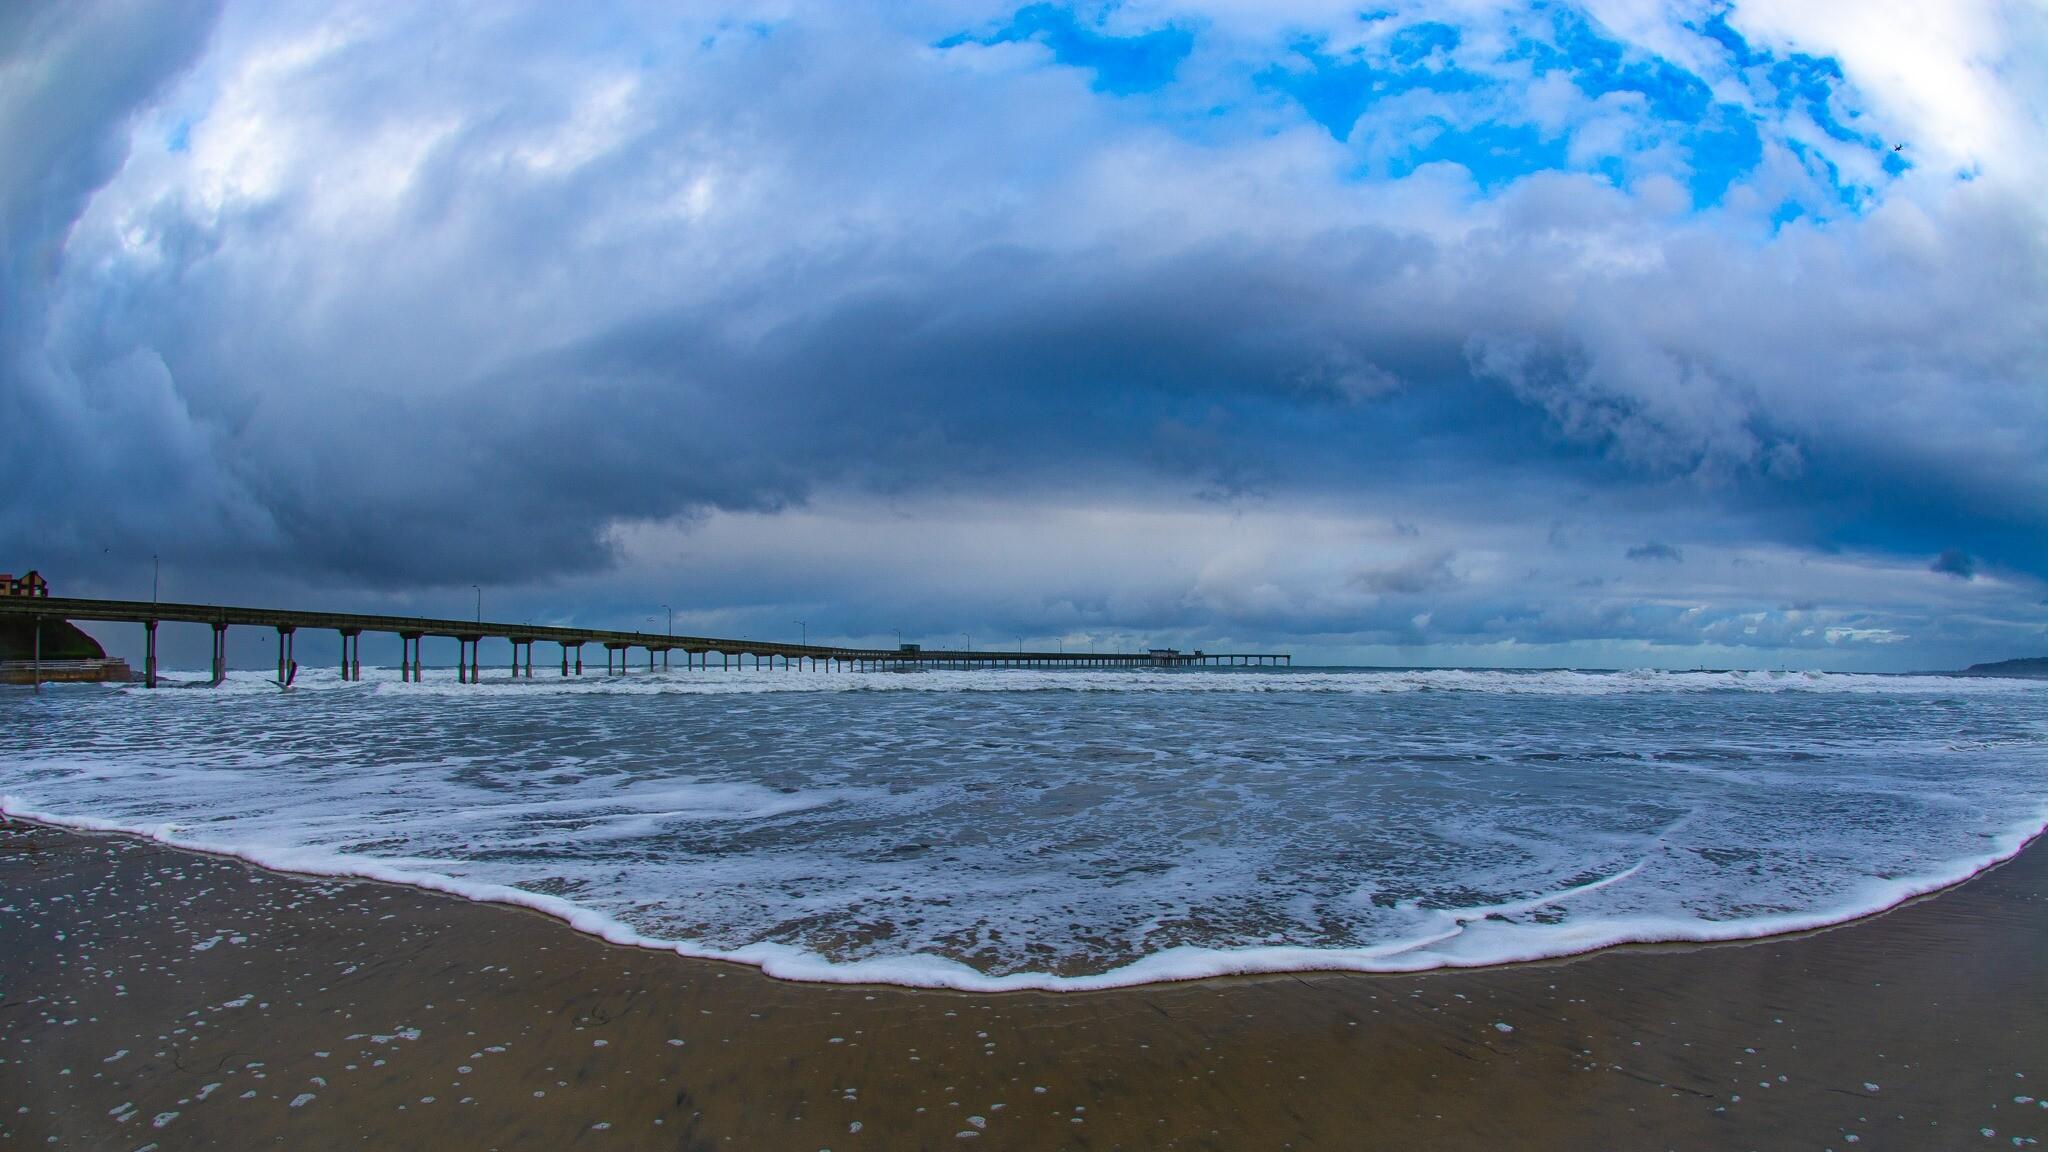 ocean beach rain_jim grant 1.jpg